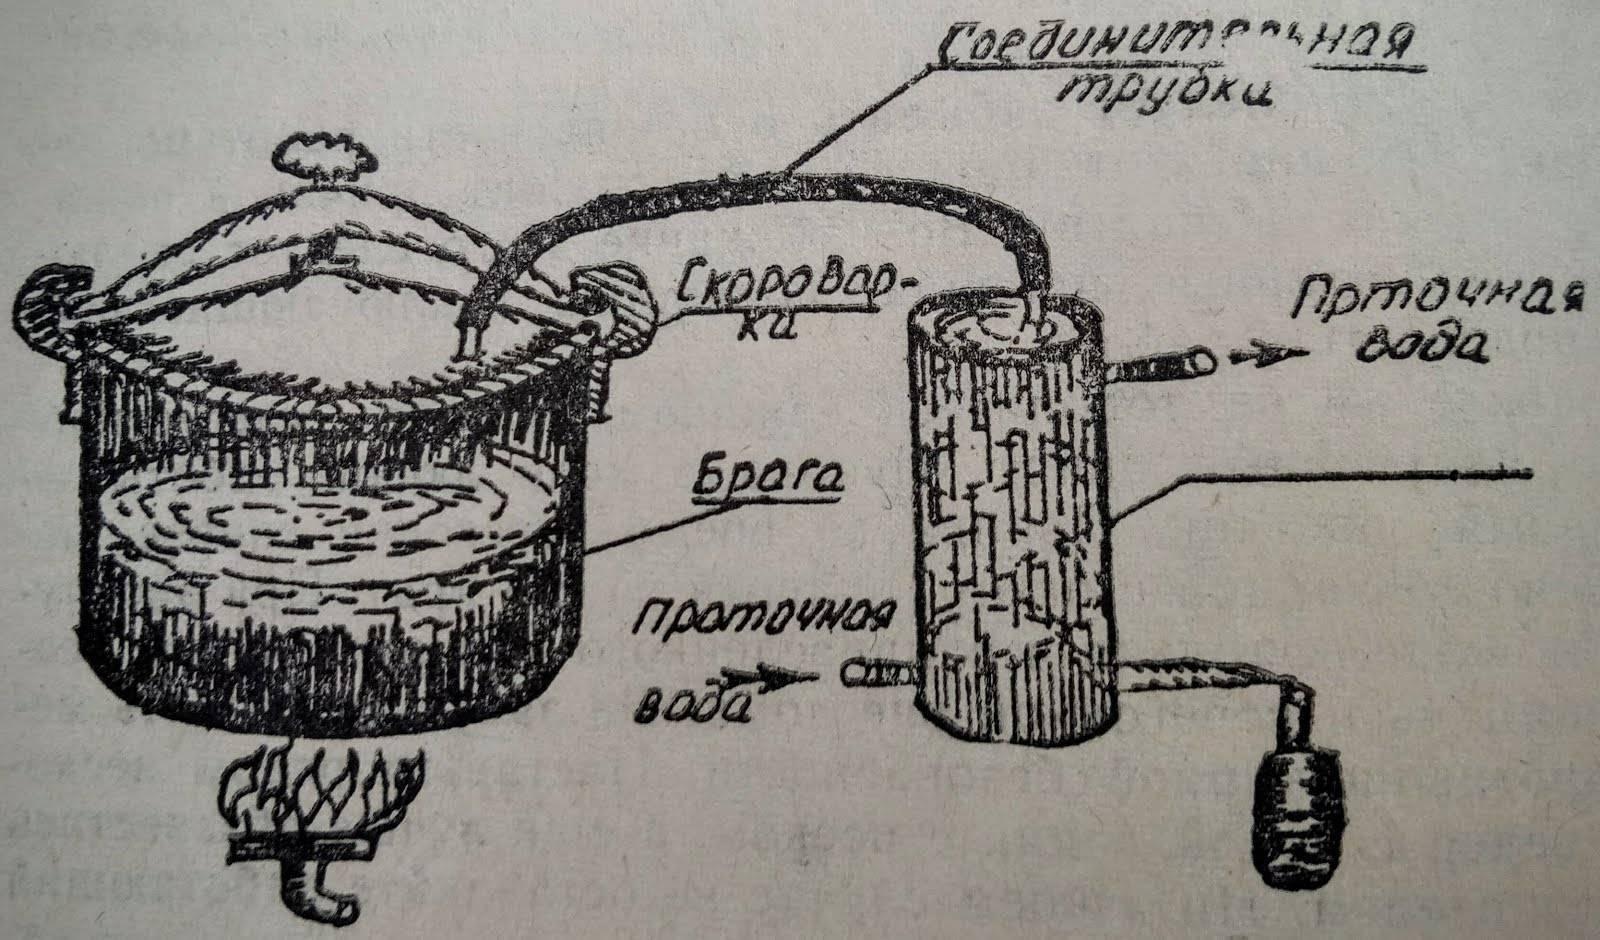 Как приготовить этиловый спирт в домашних условиях. как сделать спирт из опилок: все способы получения биотоплива